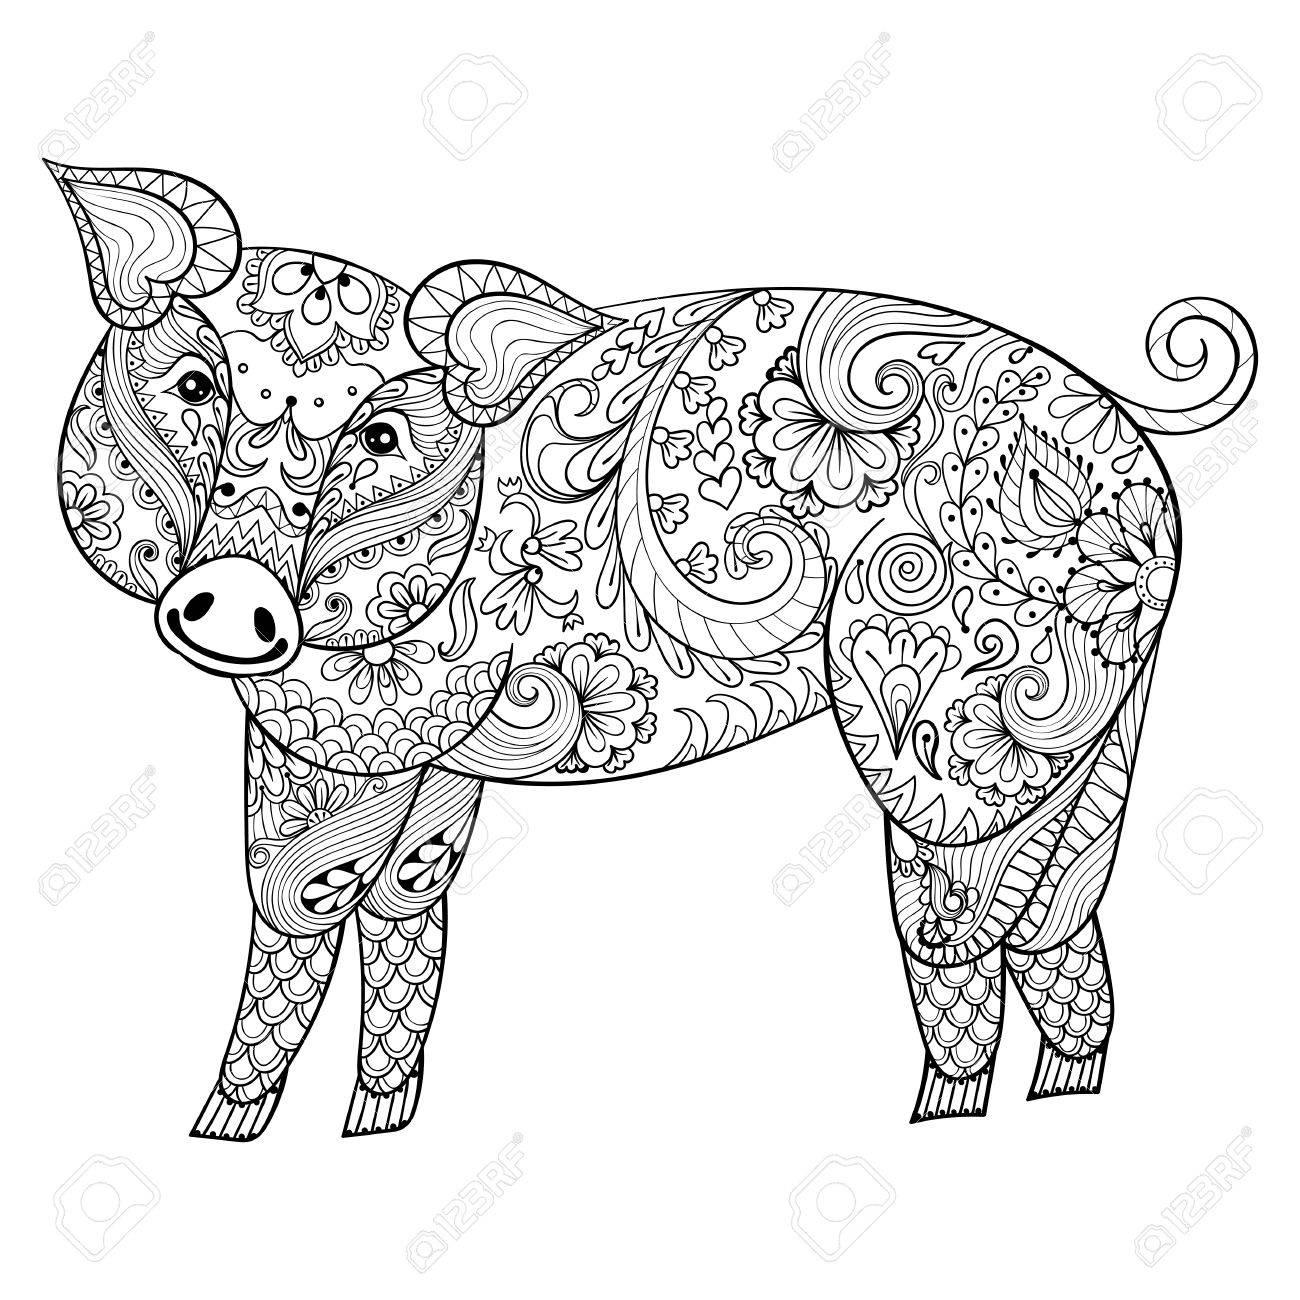 Vector Schwein. Zentangle Schwein Illustration, Schweine Druck Für ...